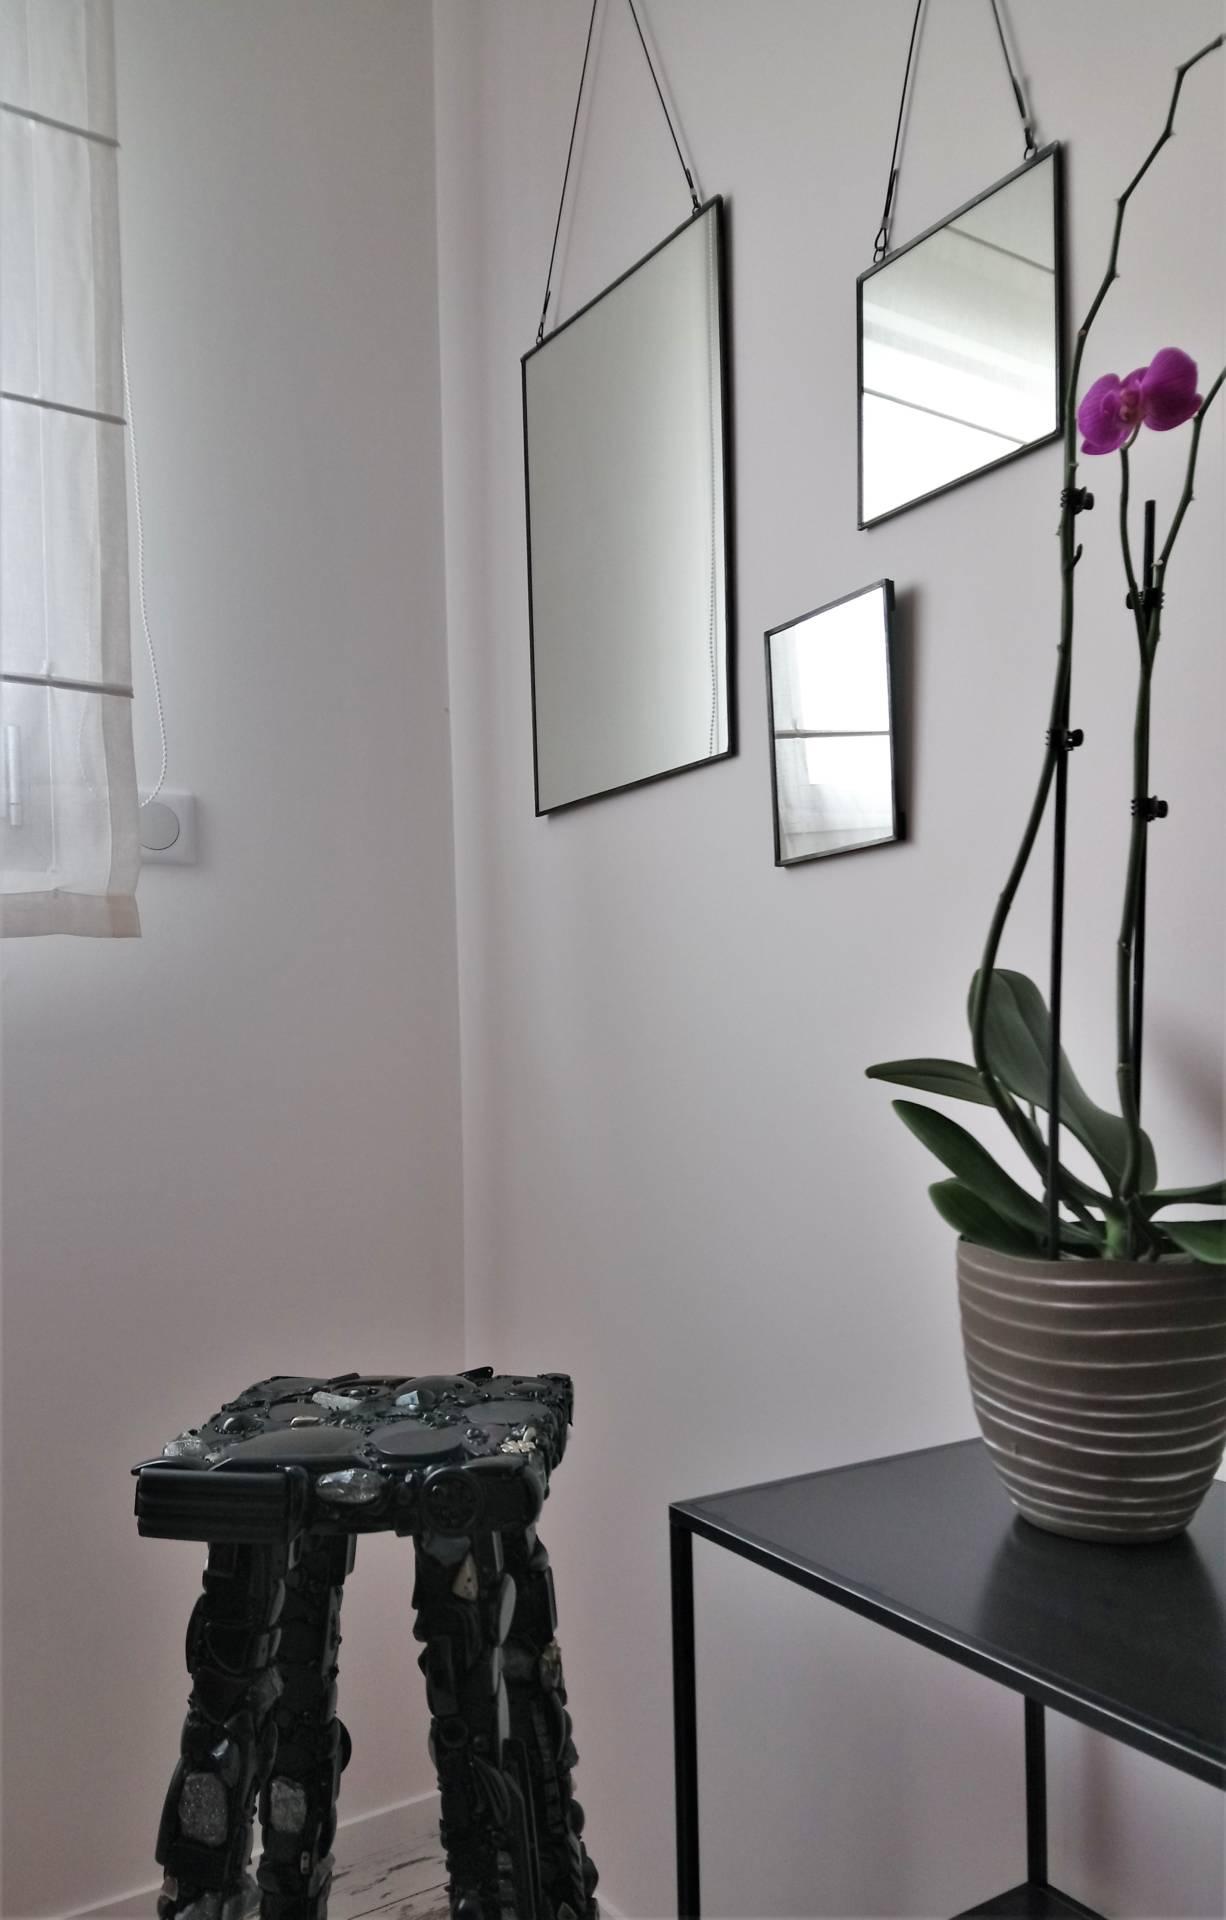 Maison Contemporaine par Anne Solenn Chérat, Décoratrice UFDI sur Lorient, Vannes, Pontivy: main dans la main, avec les propriétaires, nous avons pensé la décoration de cette maison à Ploemeur.